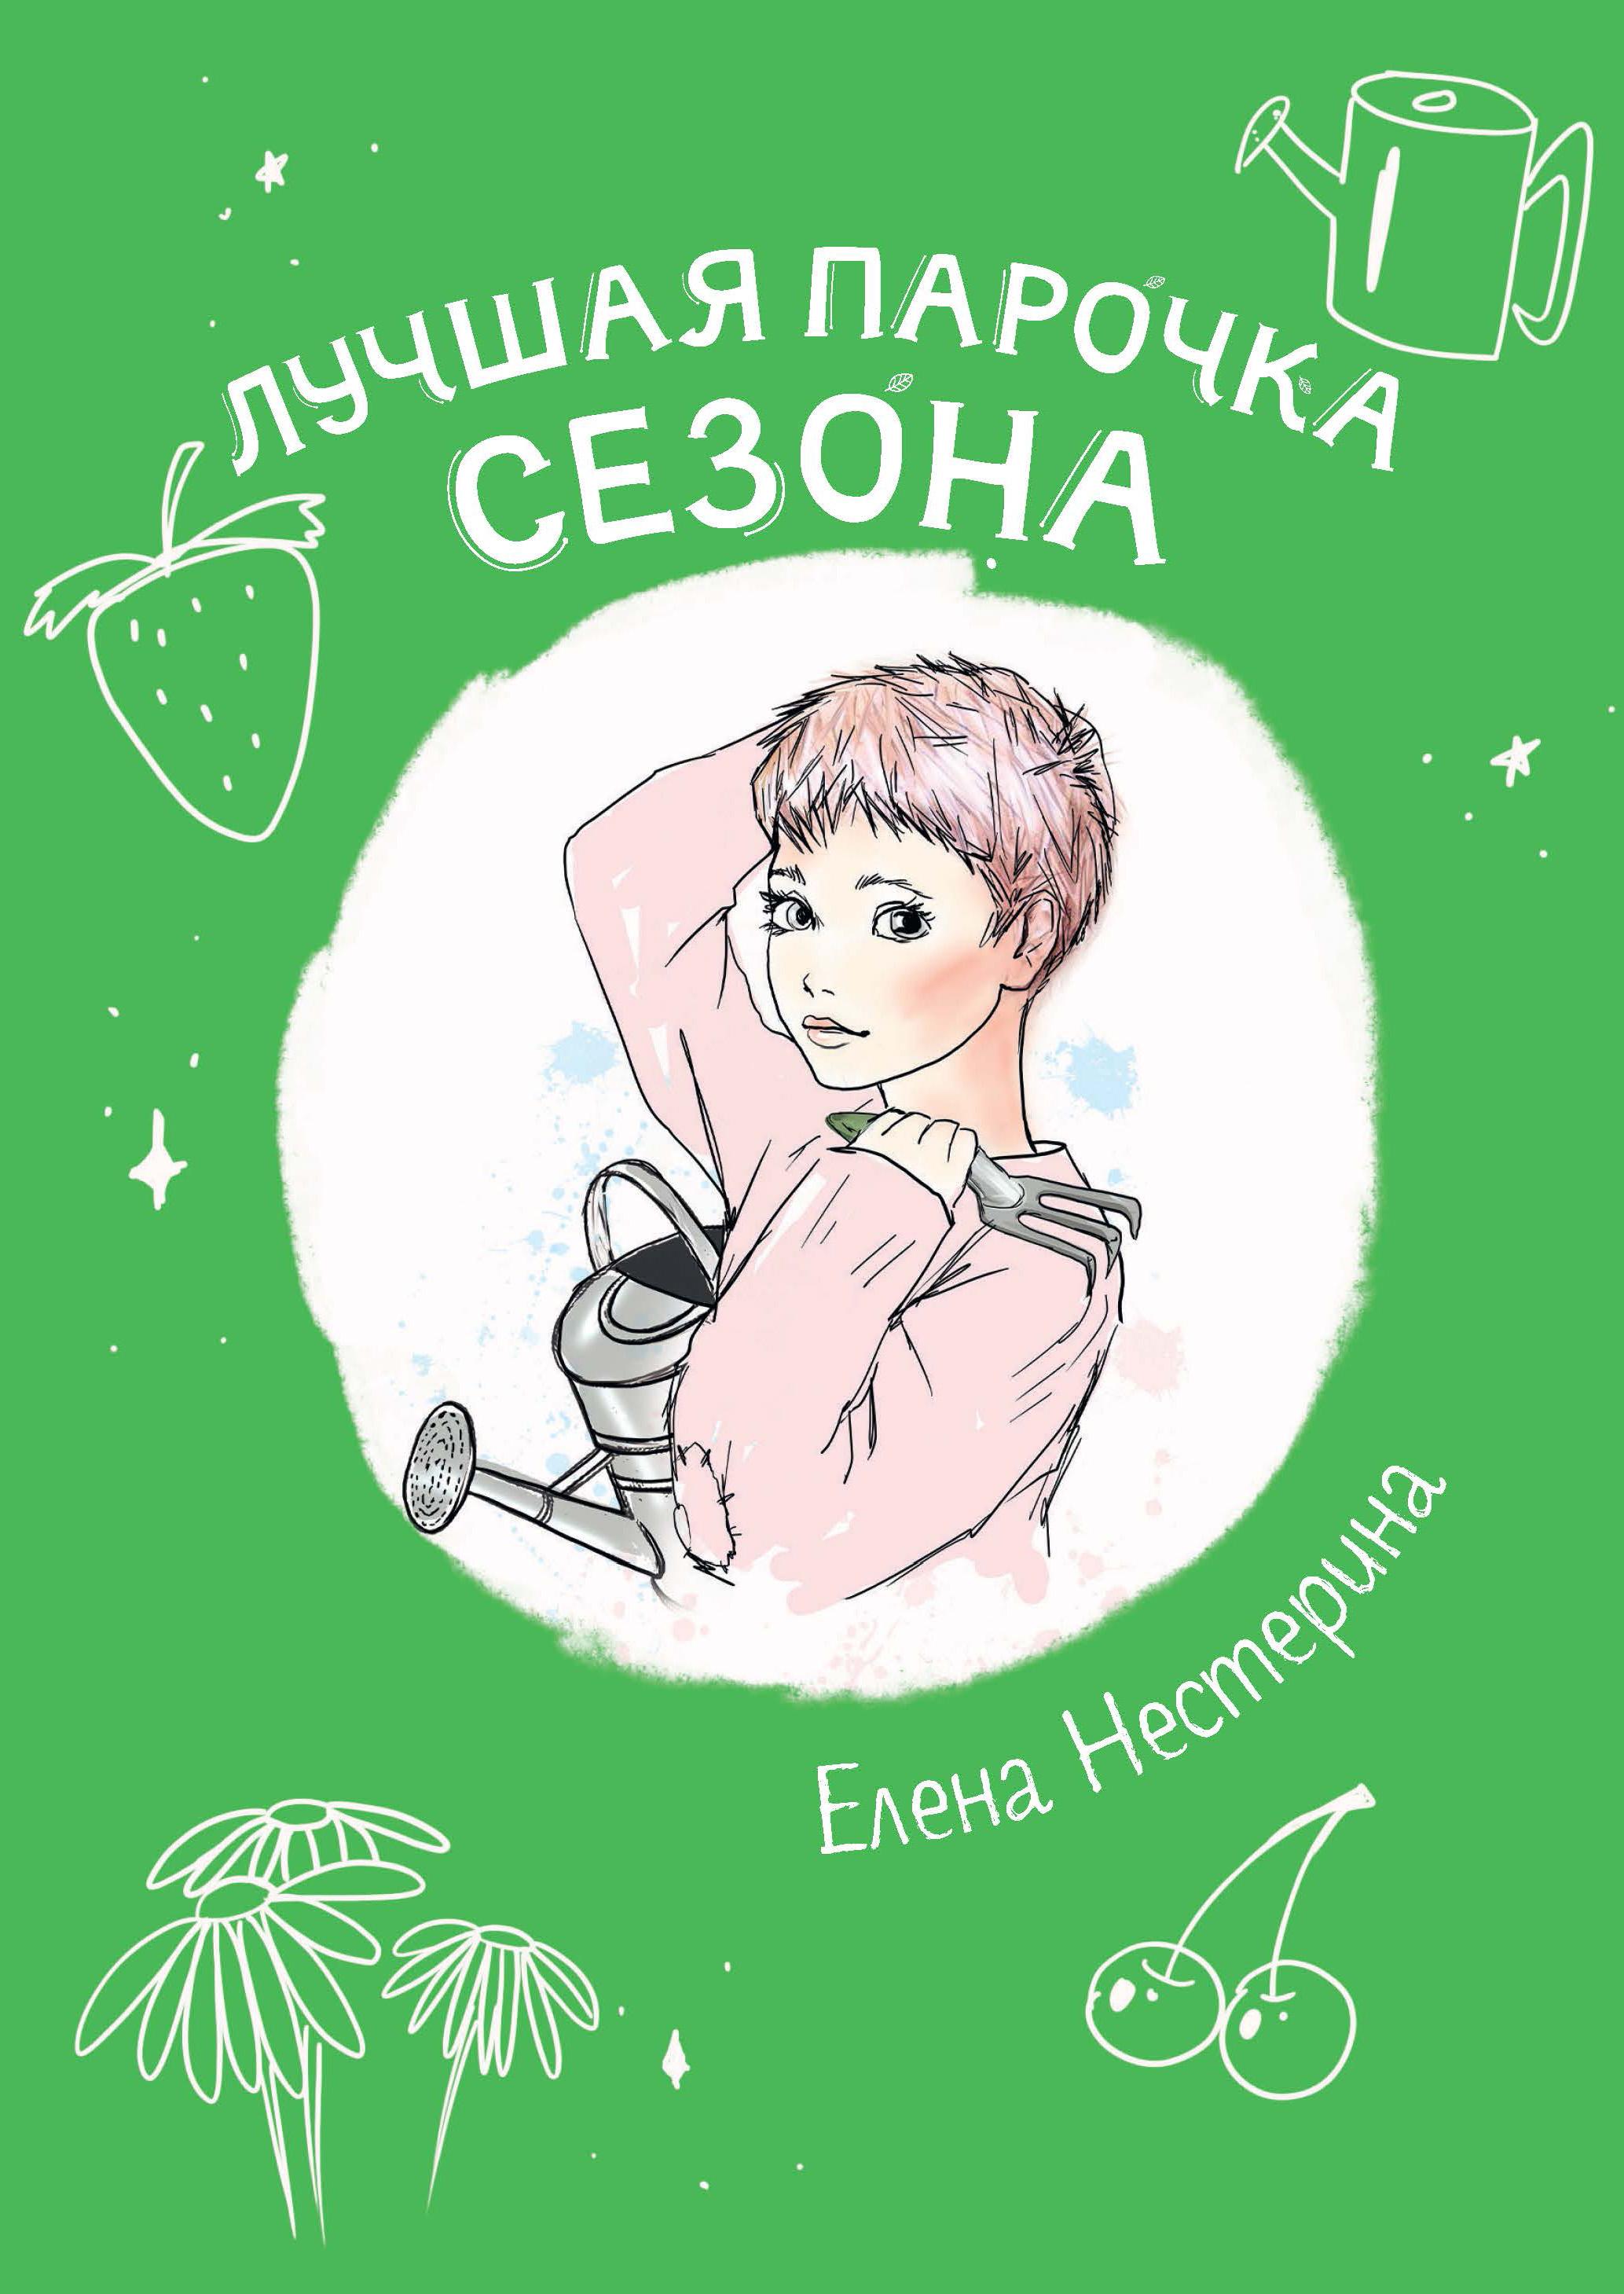 Лучшая парочка сезона ( Елена Нестерина  )